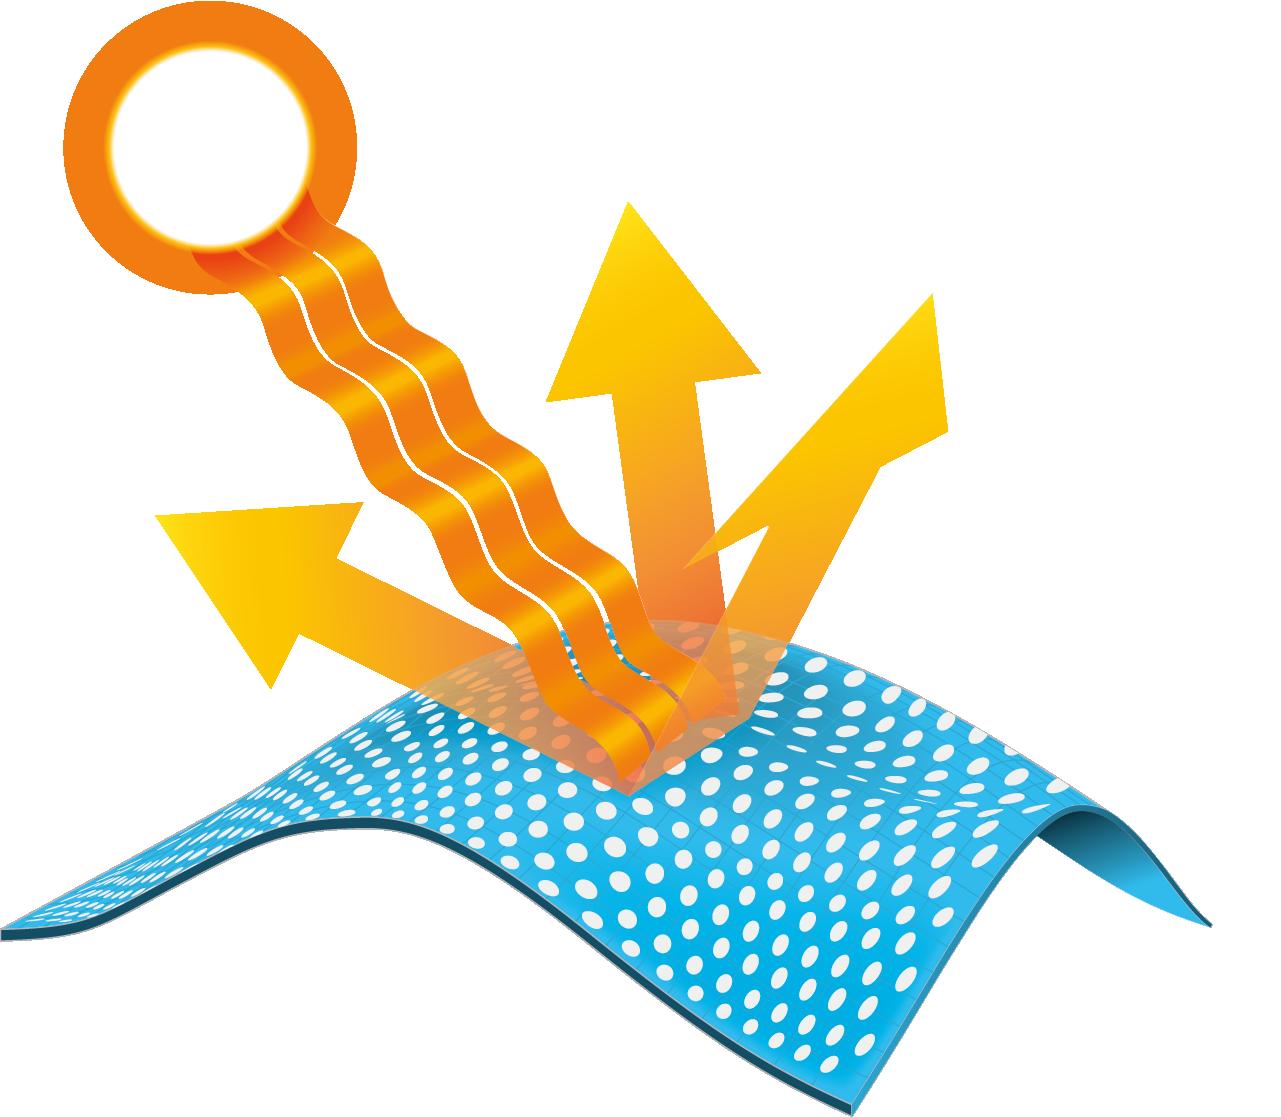 omni shade tecnologia ilustração